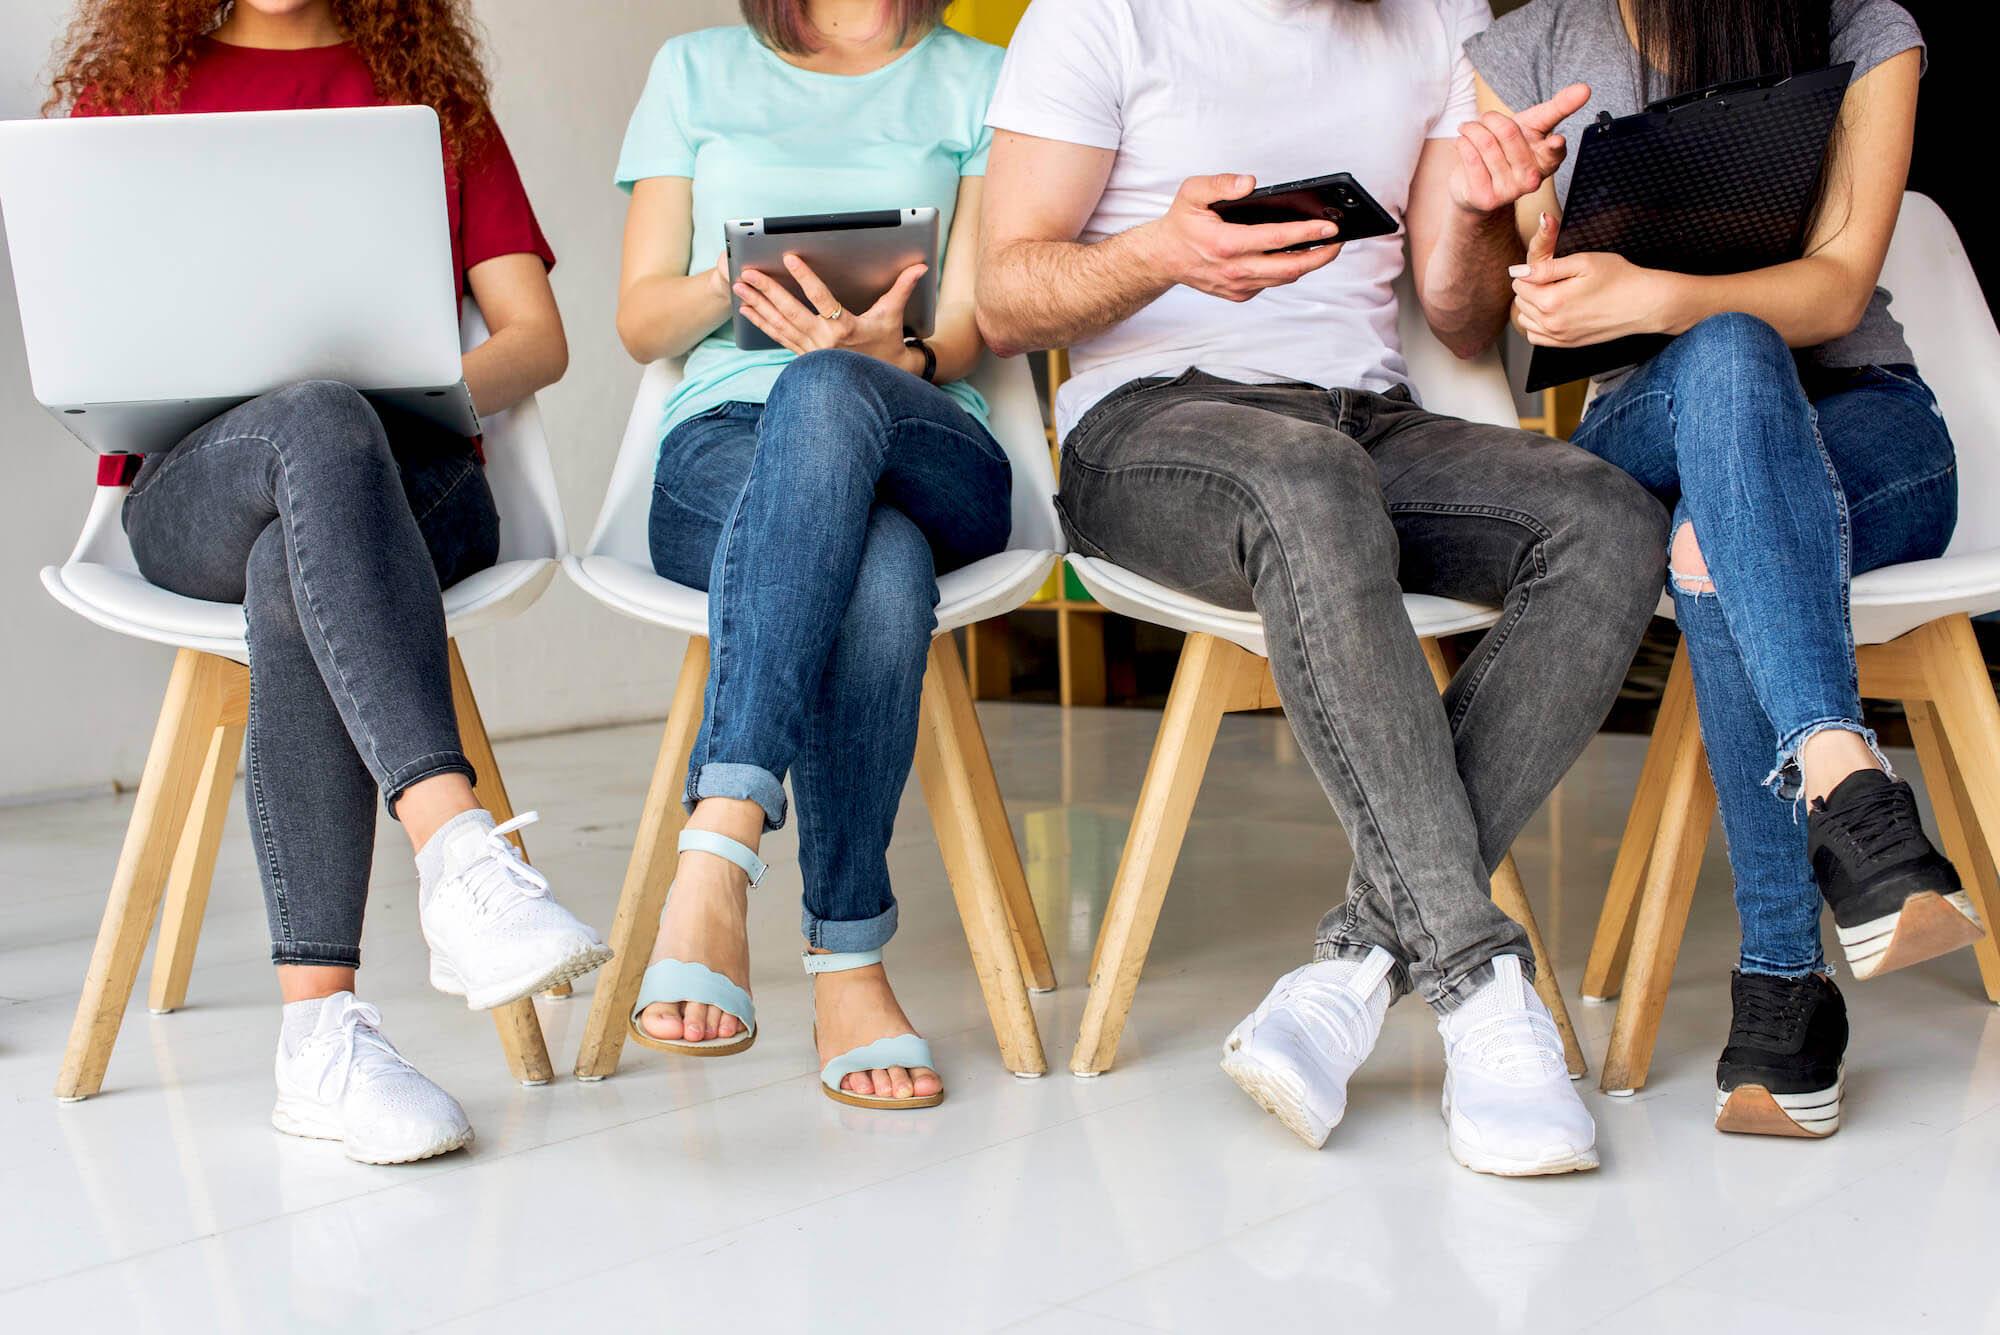 Cuántos-dispositivos-se-pueden-conectar-en-amazon-prime